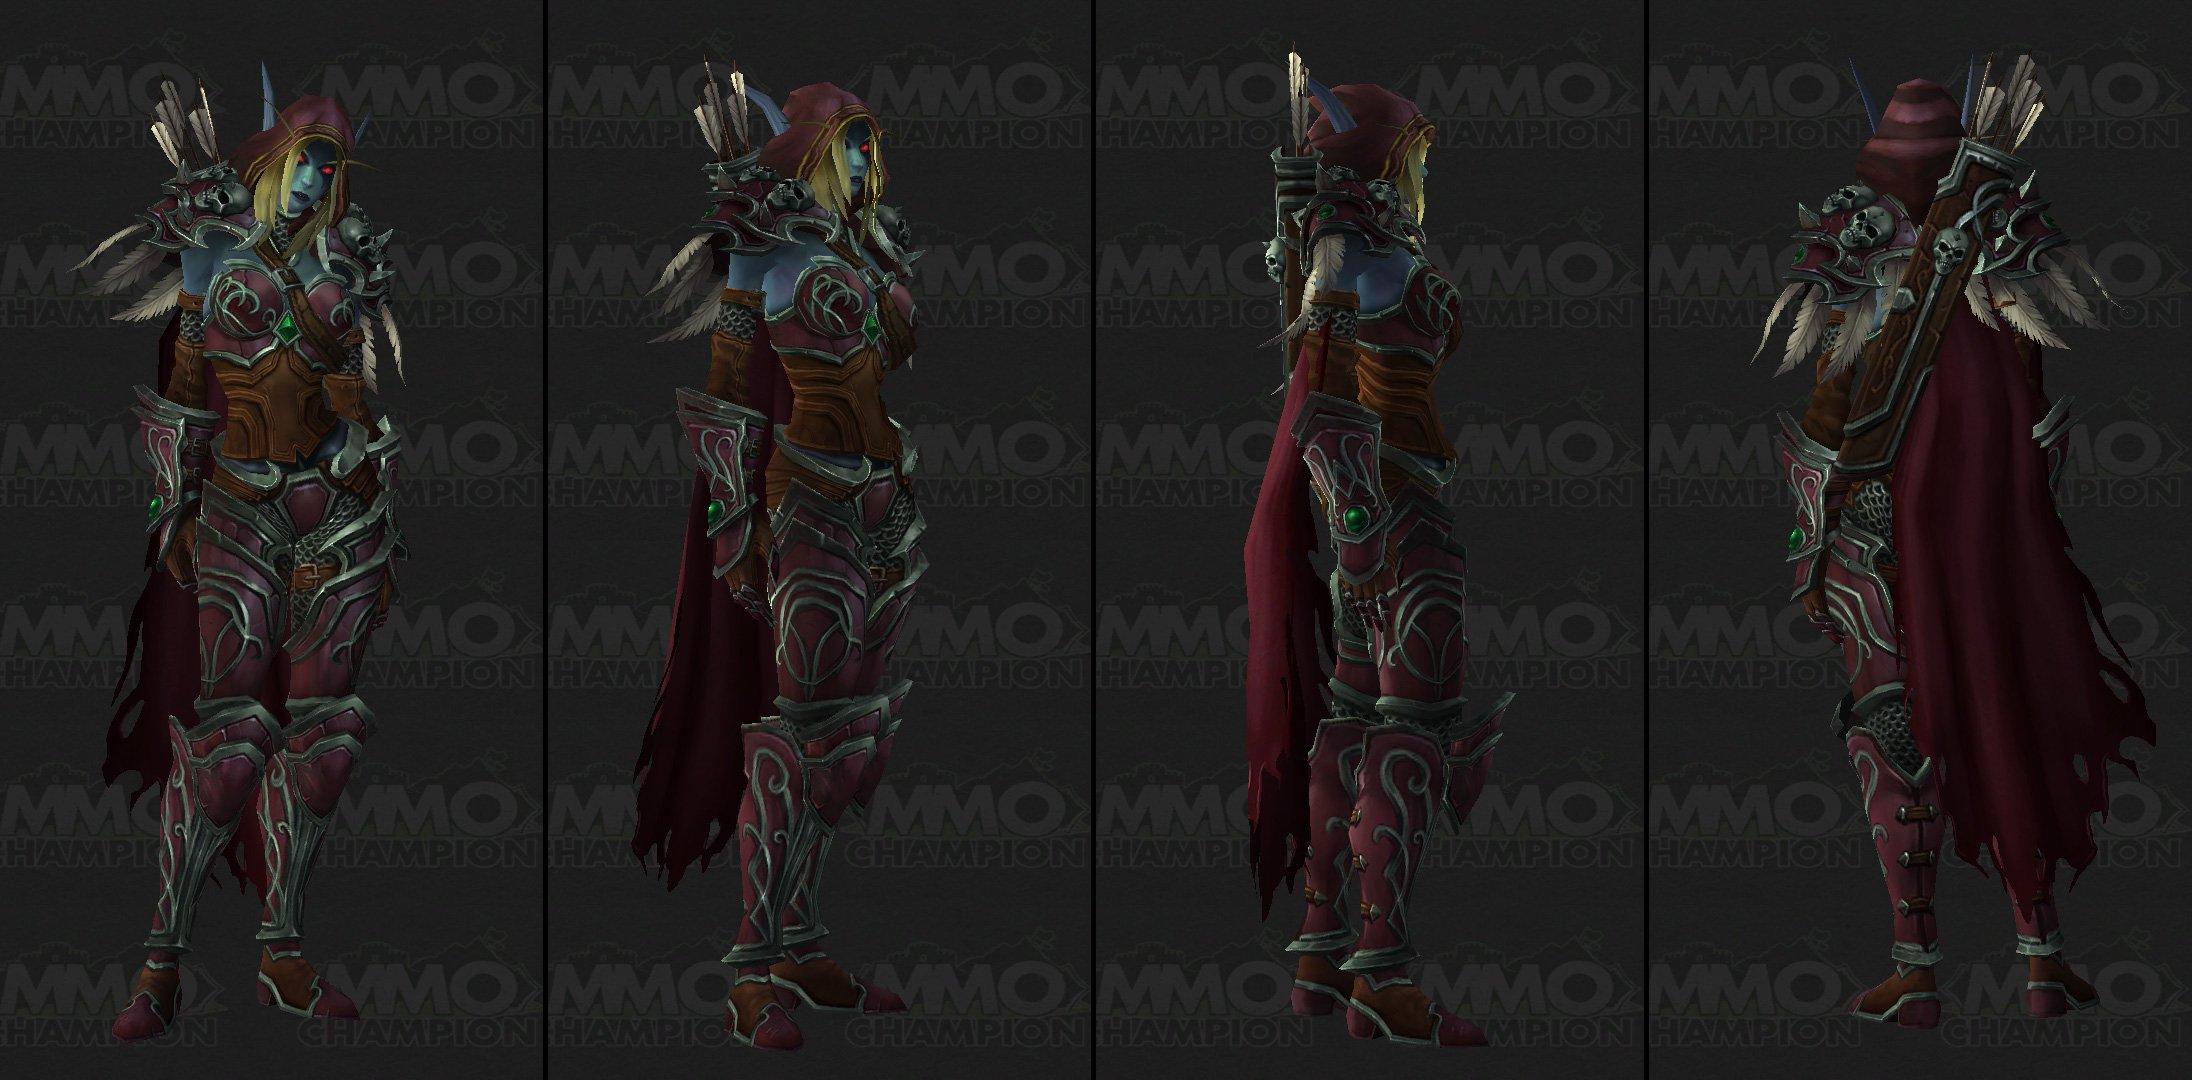 Warcraft 3 sylvanas skin hentai image